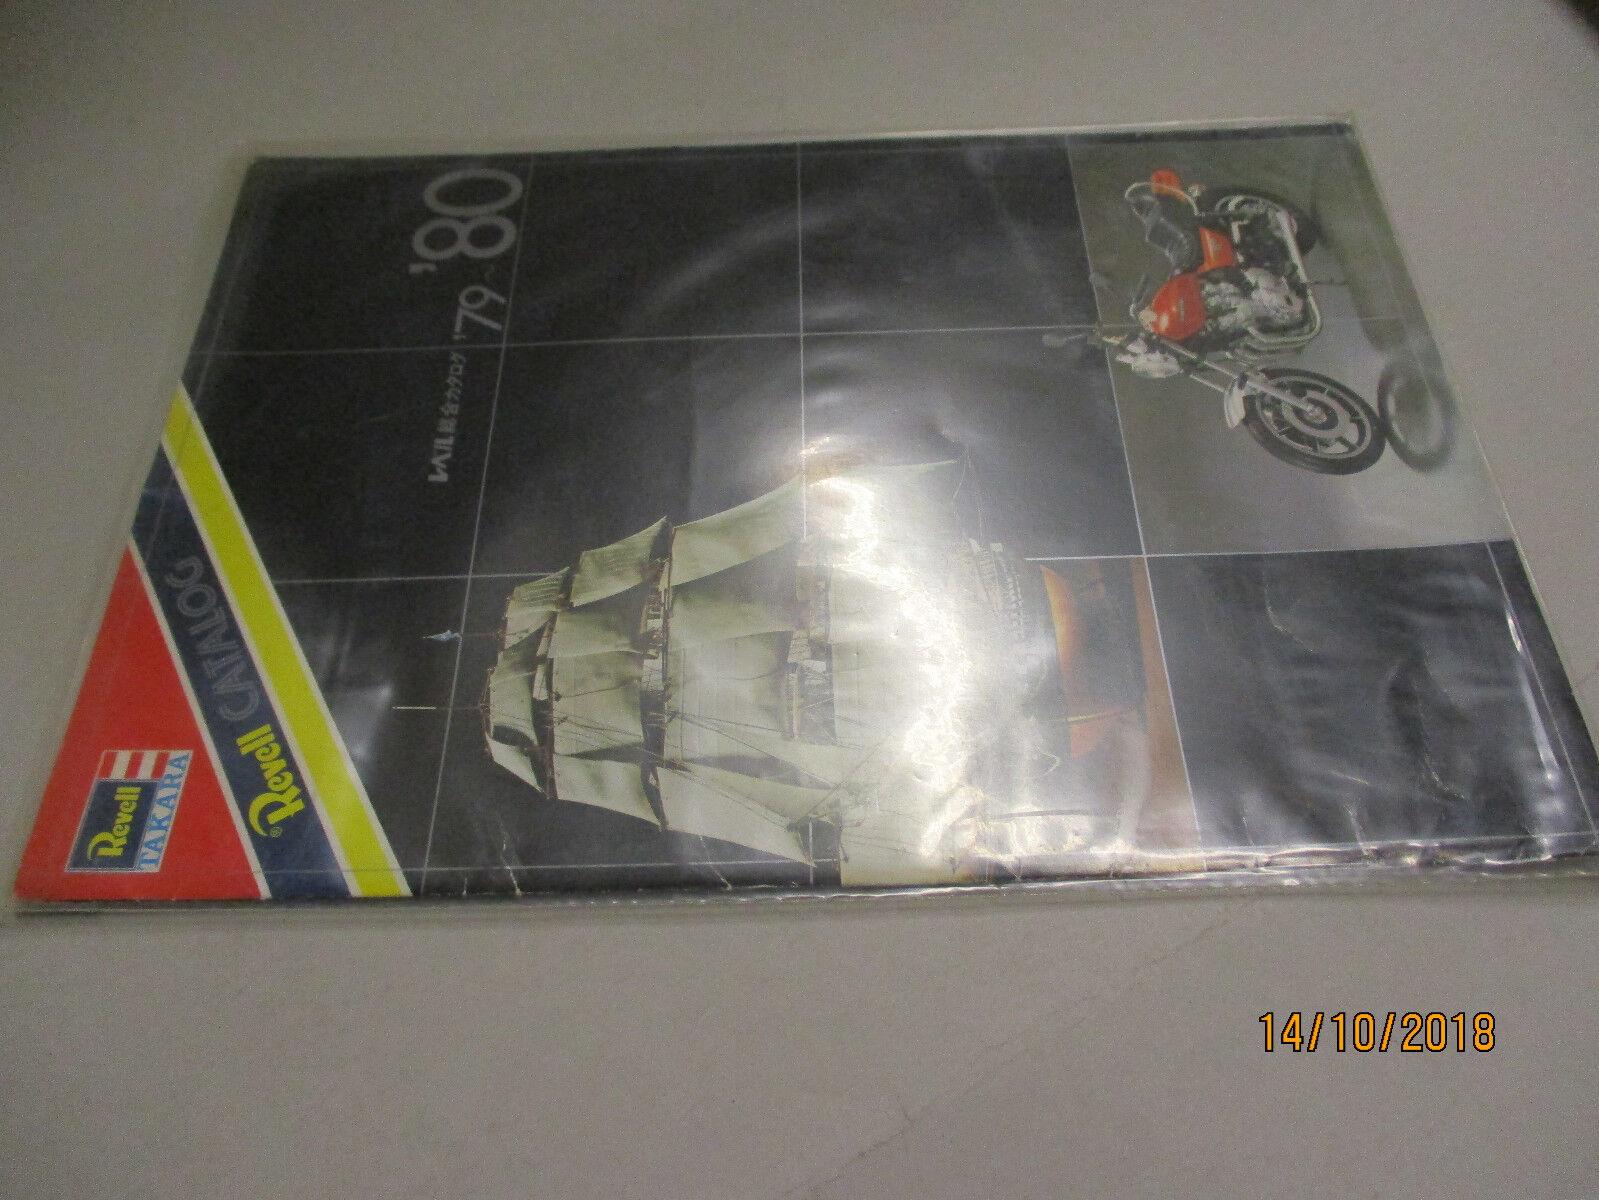 REVELL MODELLO KIT: catalogo 1979/80 Giappone